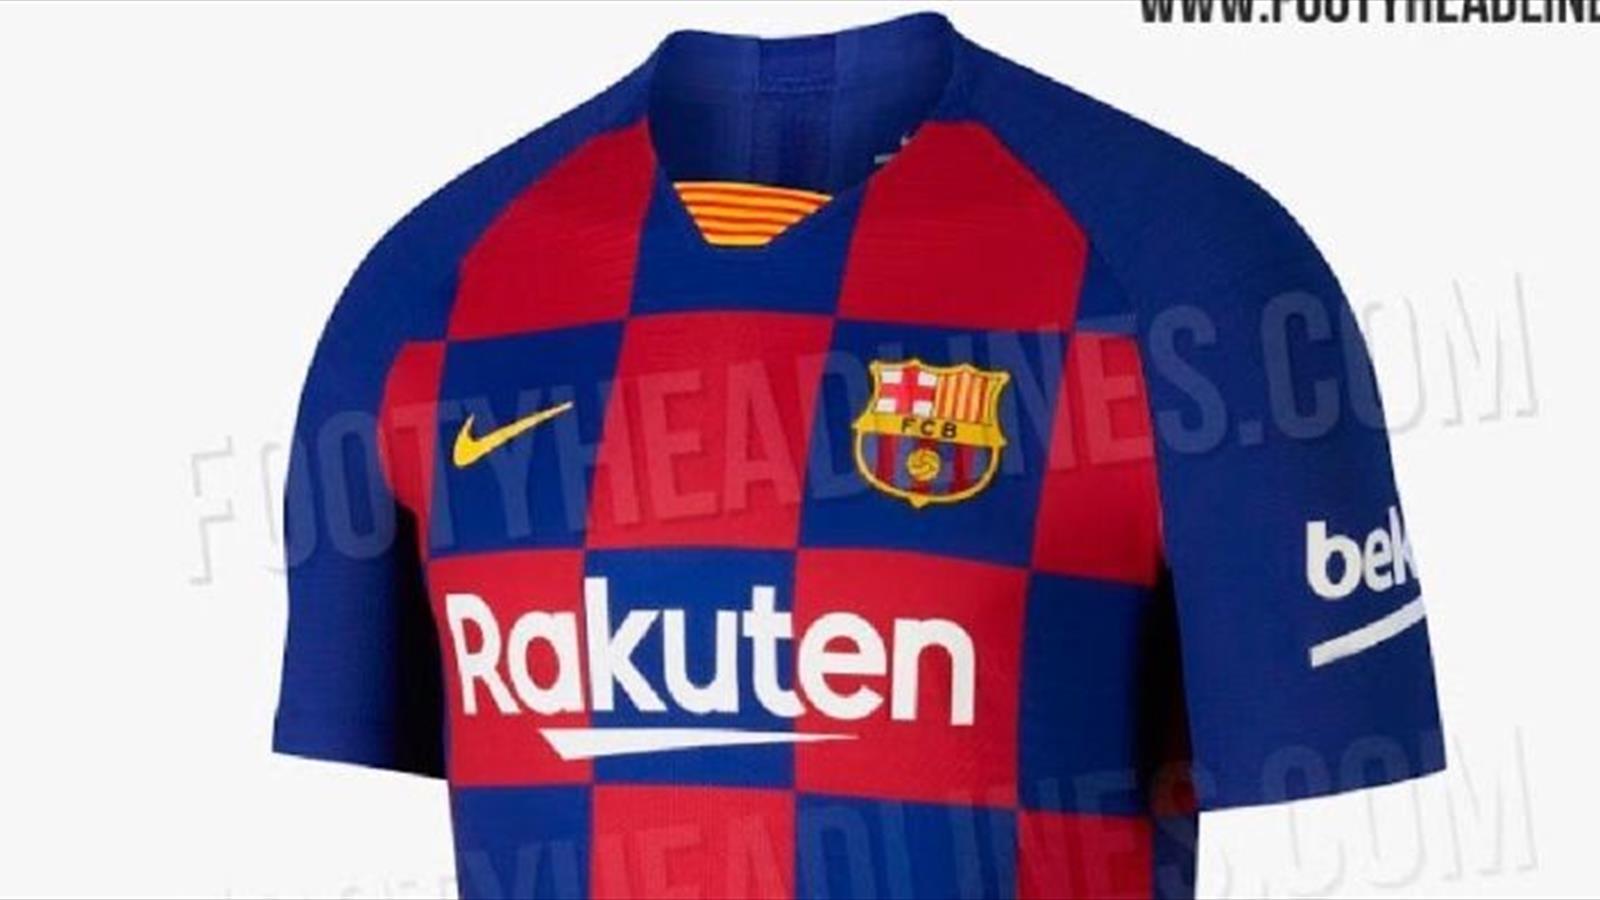 ca2515715fbe La nueva camiseta del Barça cambia las rayas verticales por cuadrados